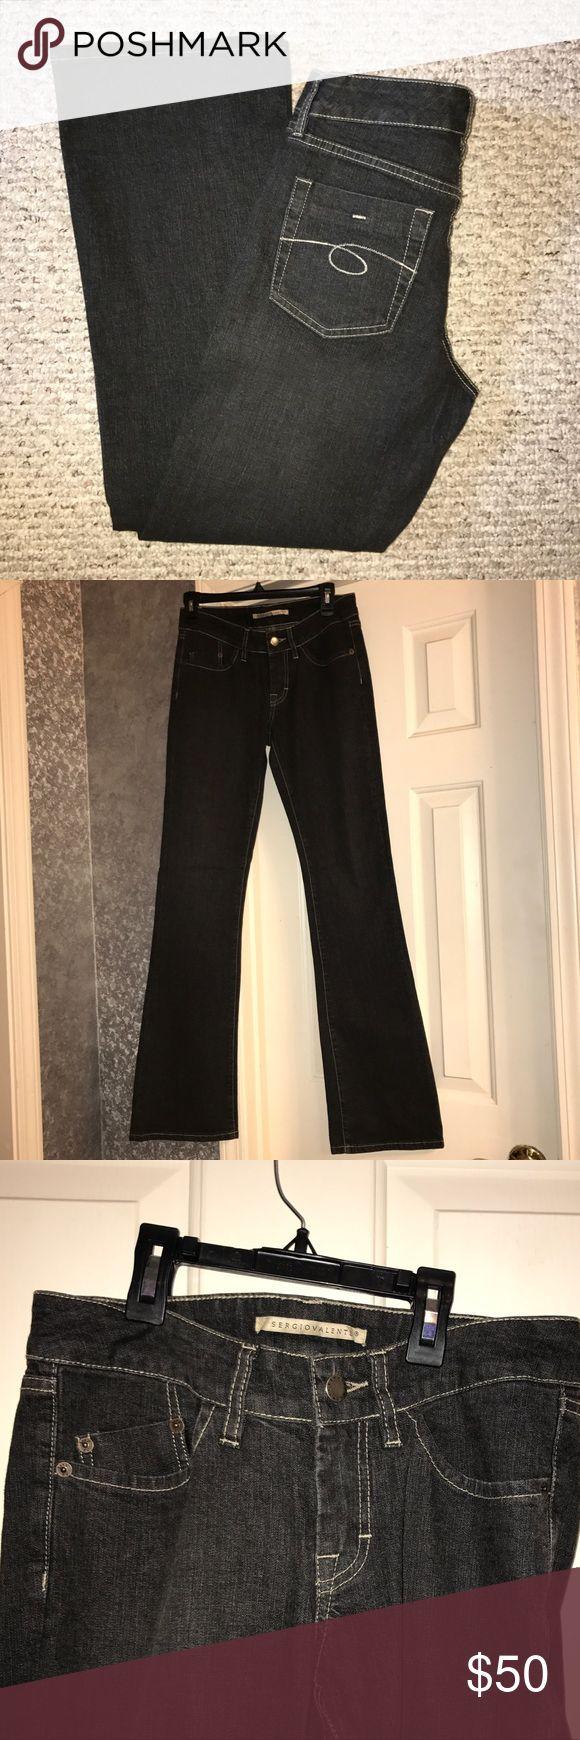 """🆕EUC 💙SERGIO VALENTE💙Black Flare leg Jeans 🆕EUC 💙SERGIO VALENTE💙Black Flare leg Jeans. Size- 27. Cotton / Lycra. five pocket design. Zip fly with button closure. Inseam- 34"""". Rise- 7"""". Original cost $150 Sergio Valente Jeans Flare & Wide Leg"""